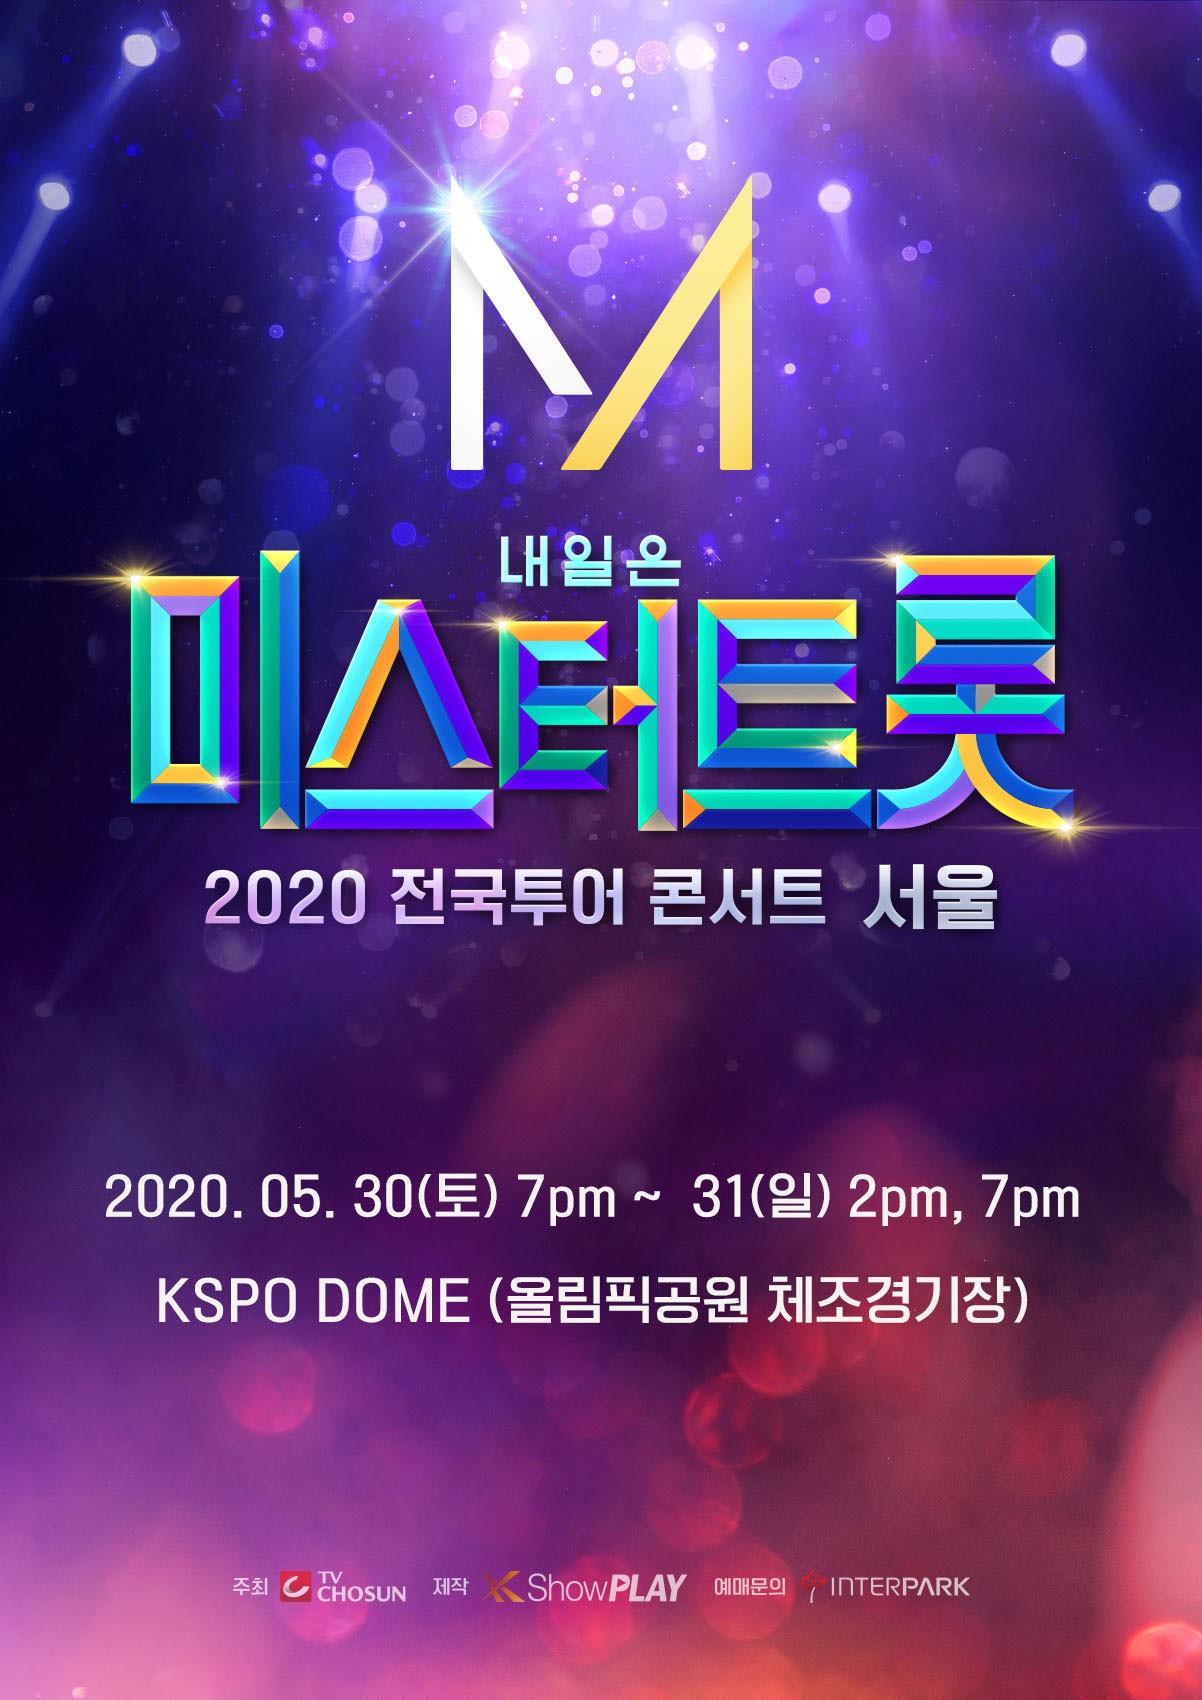 '미스터트롯' 서울 콘서트, 5월로 연기…코로나19 여파